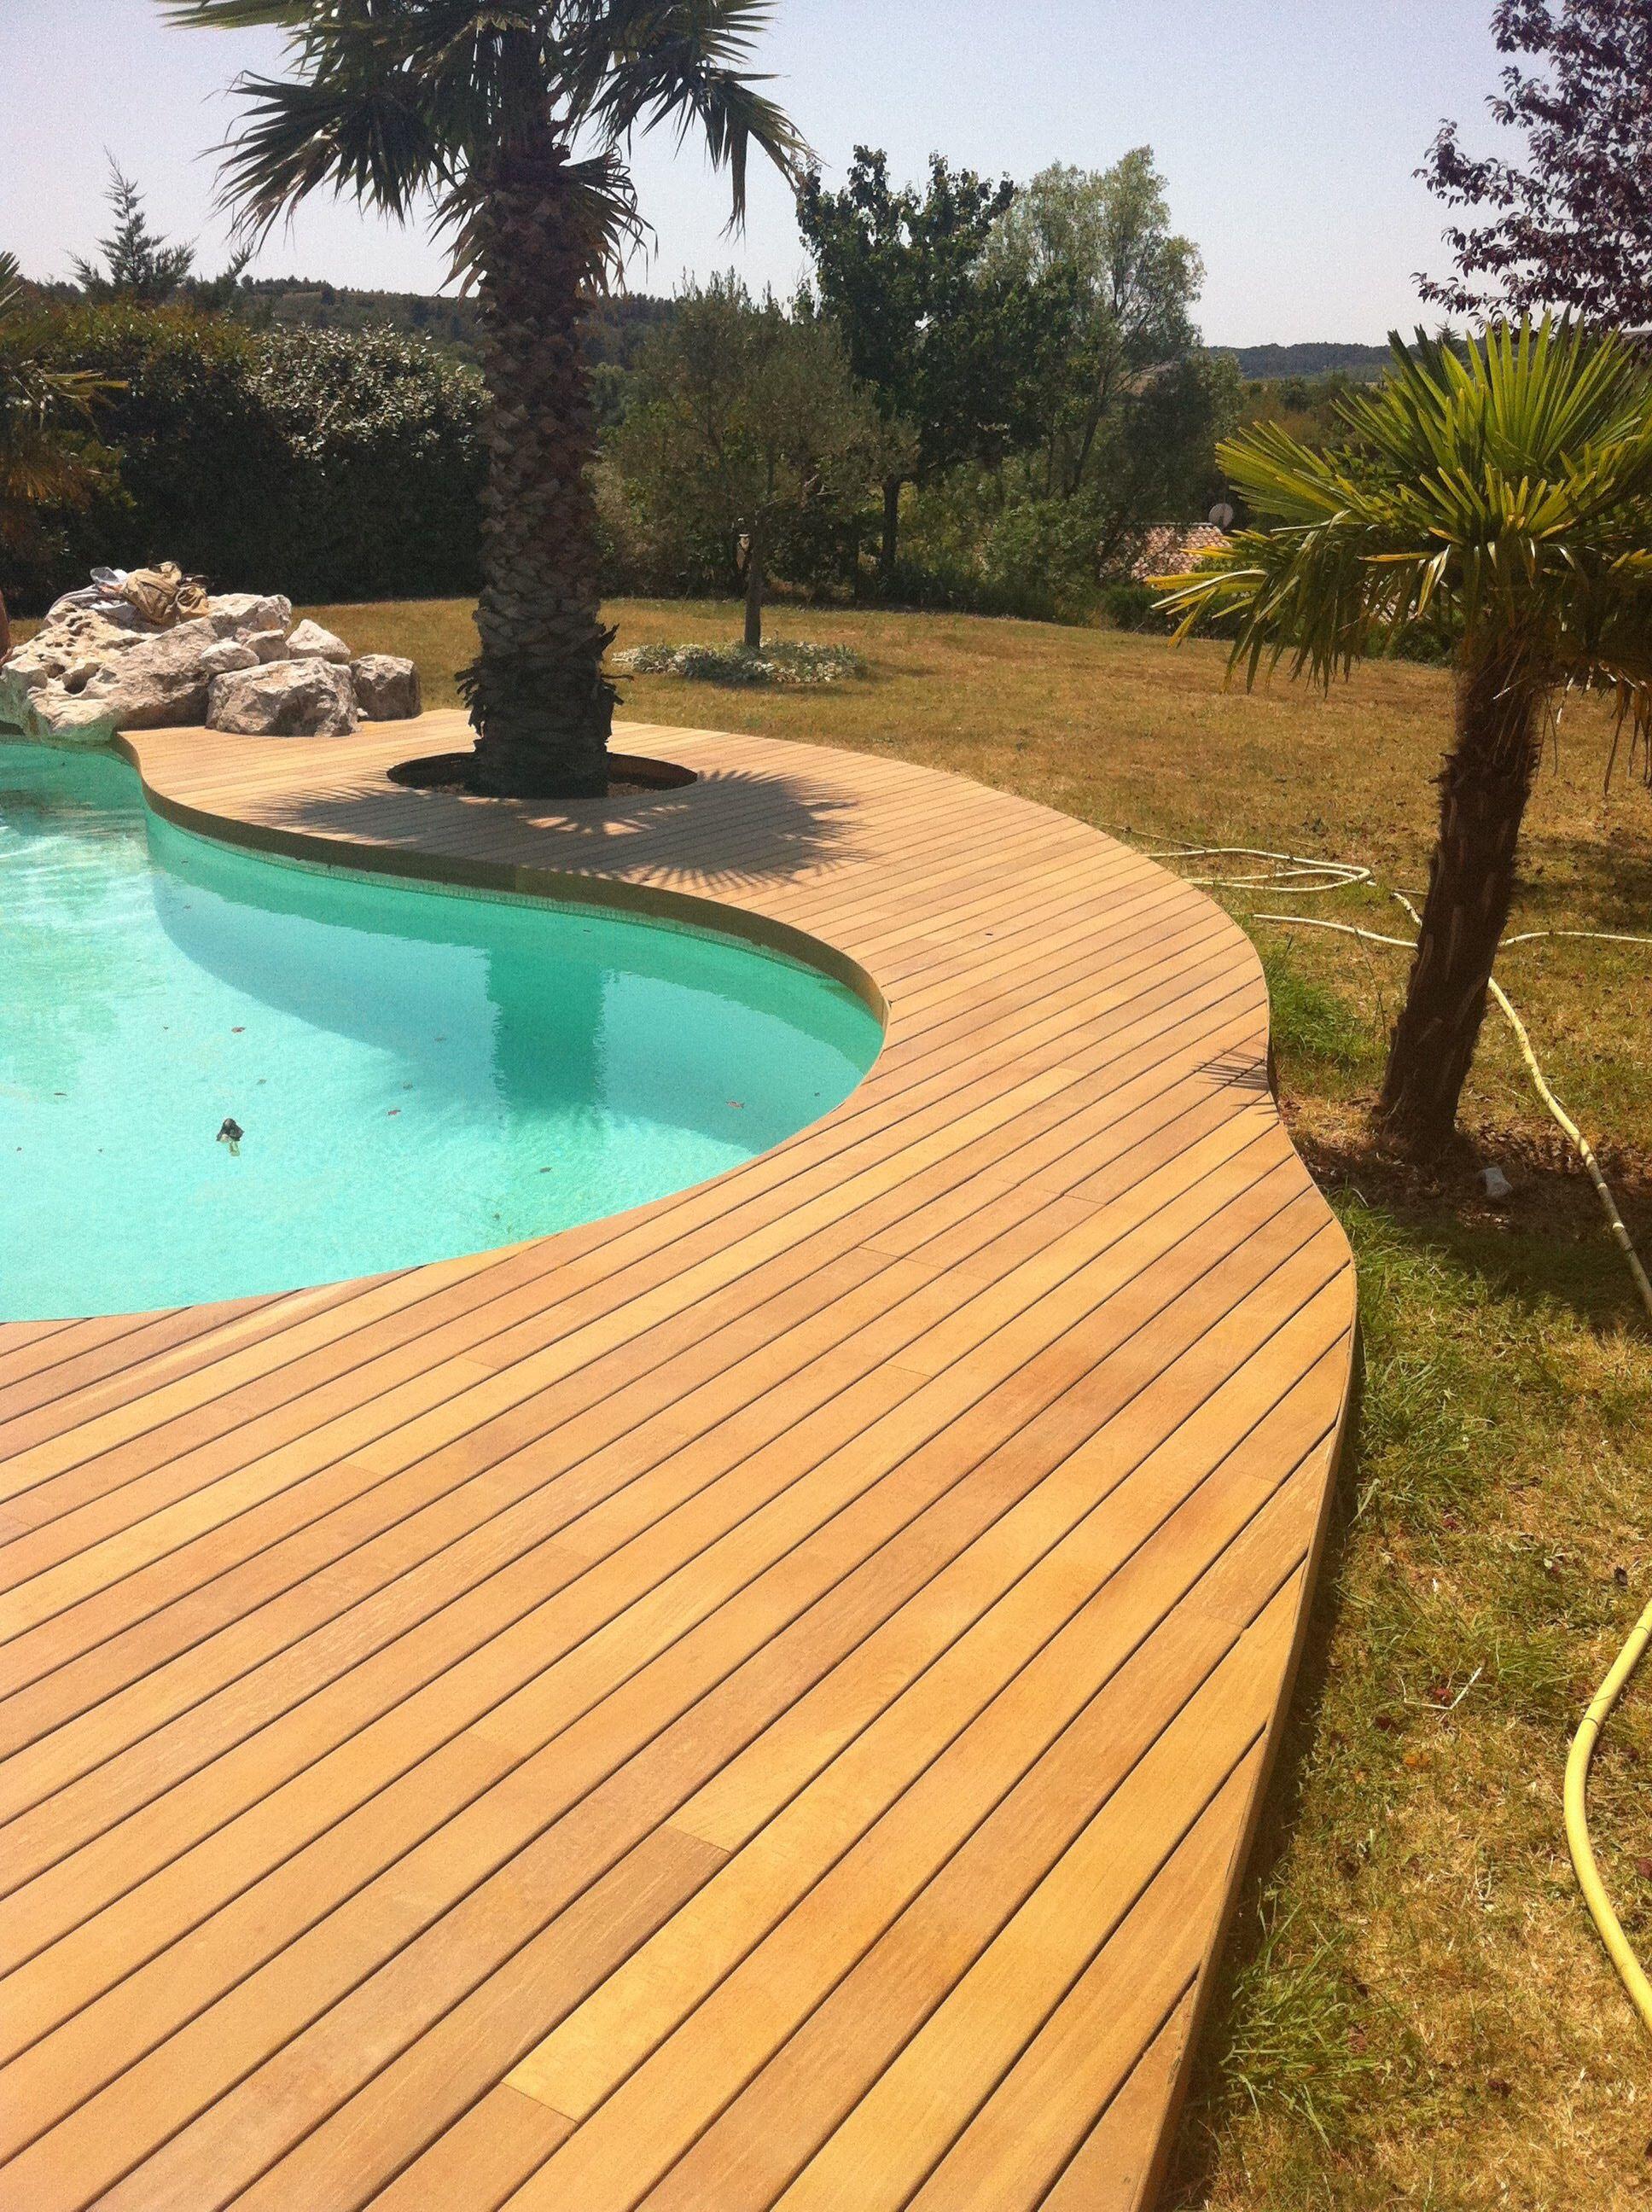 Constructeur De Piscine Montpellier Épinglé par rieunier sur piscine en 2020 | dalle piscine